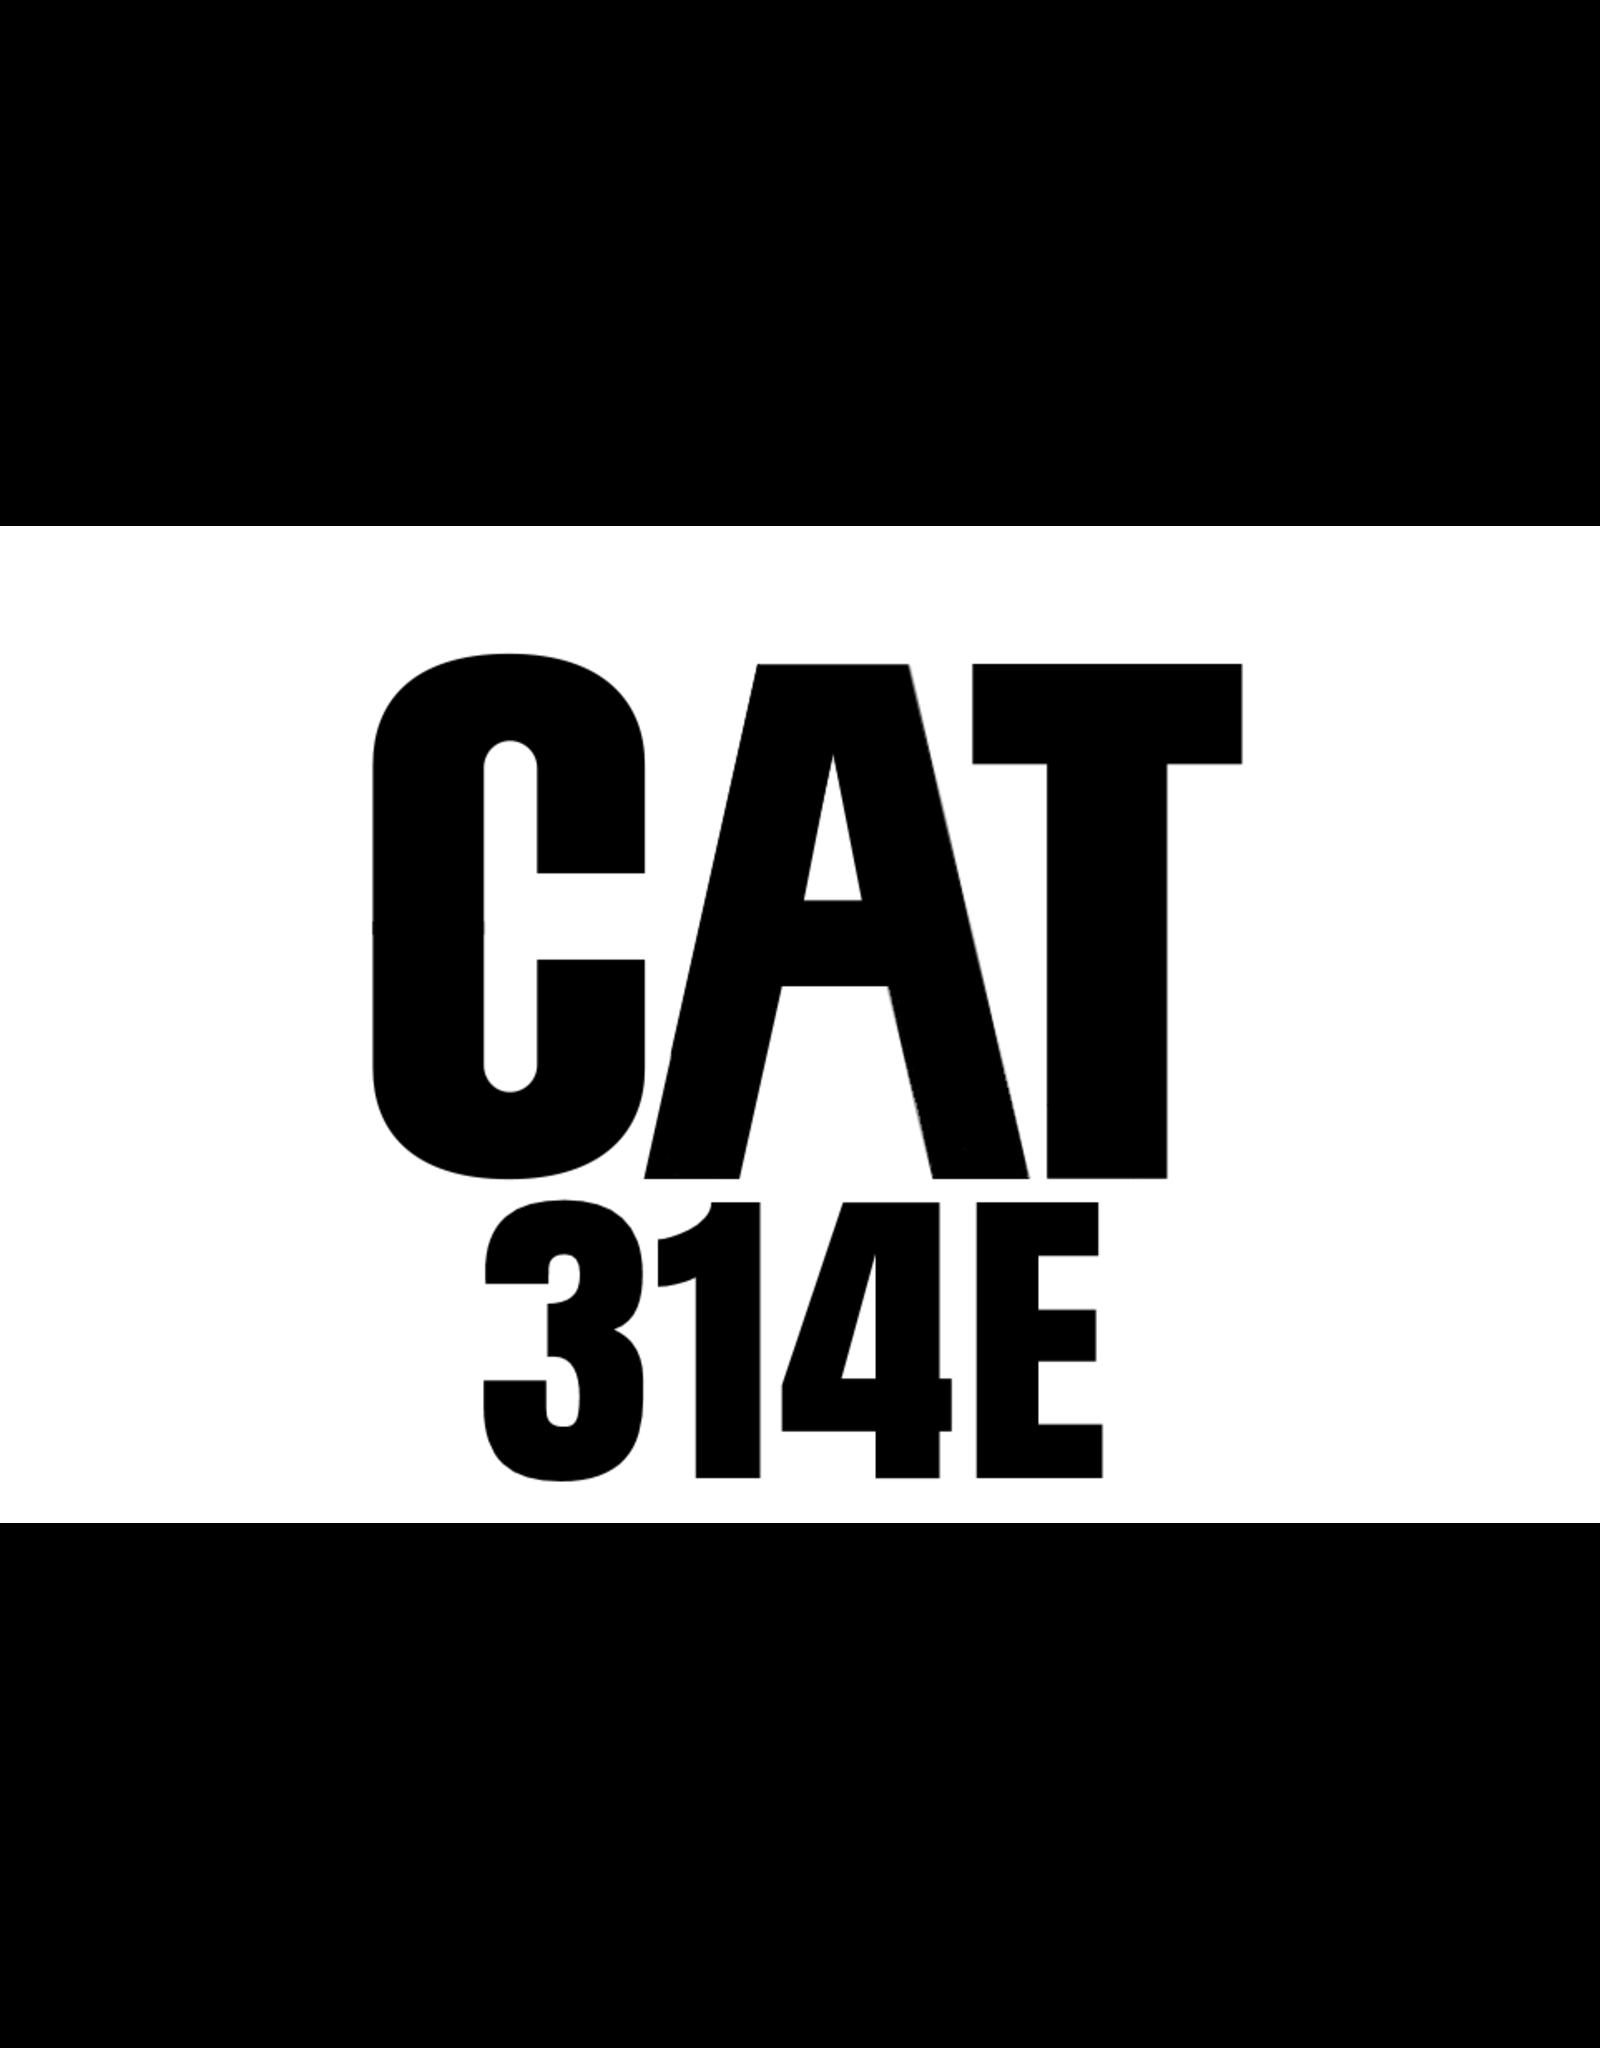 Echle Hartstahl GmbH FOPS for CAT 314E